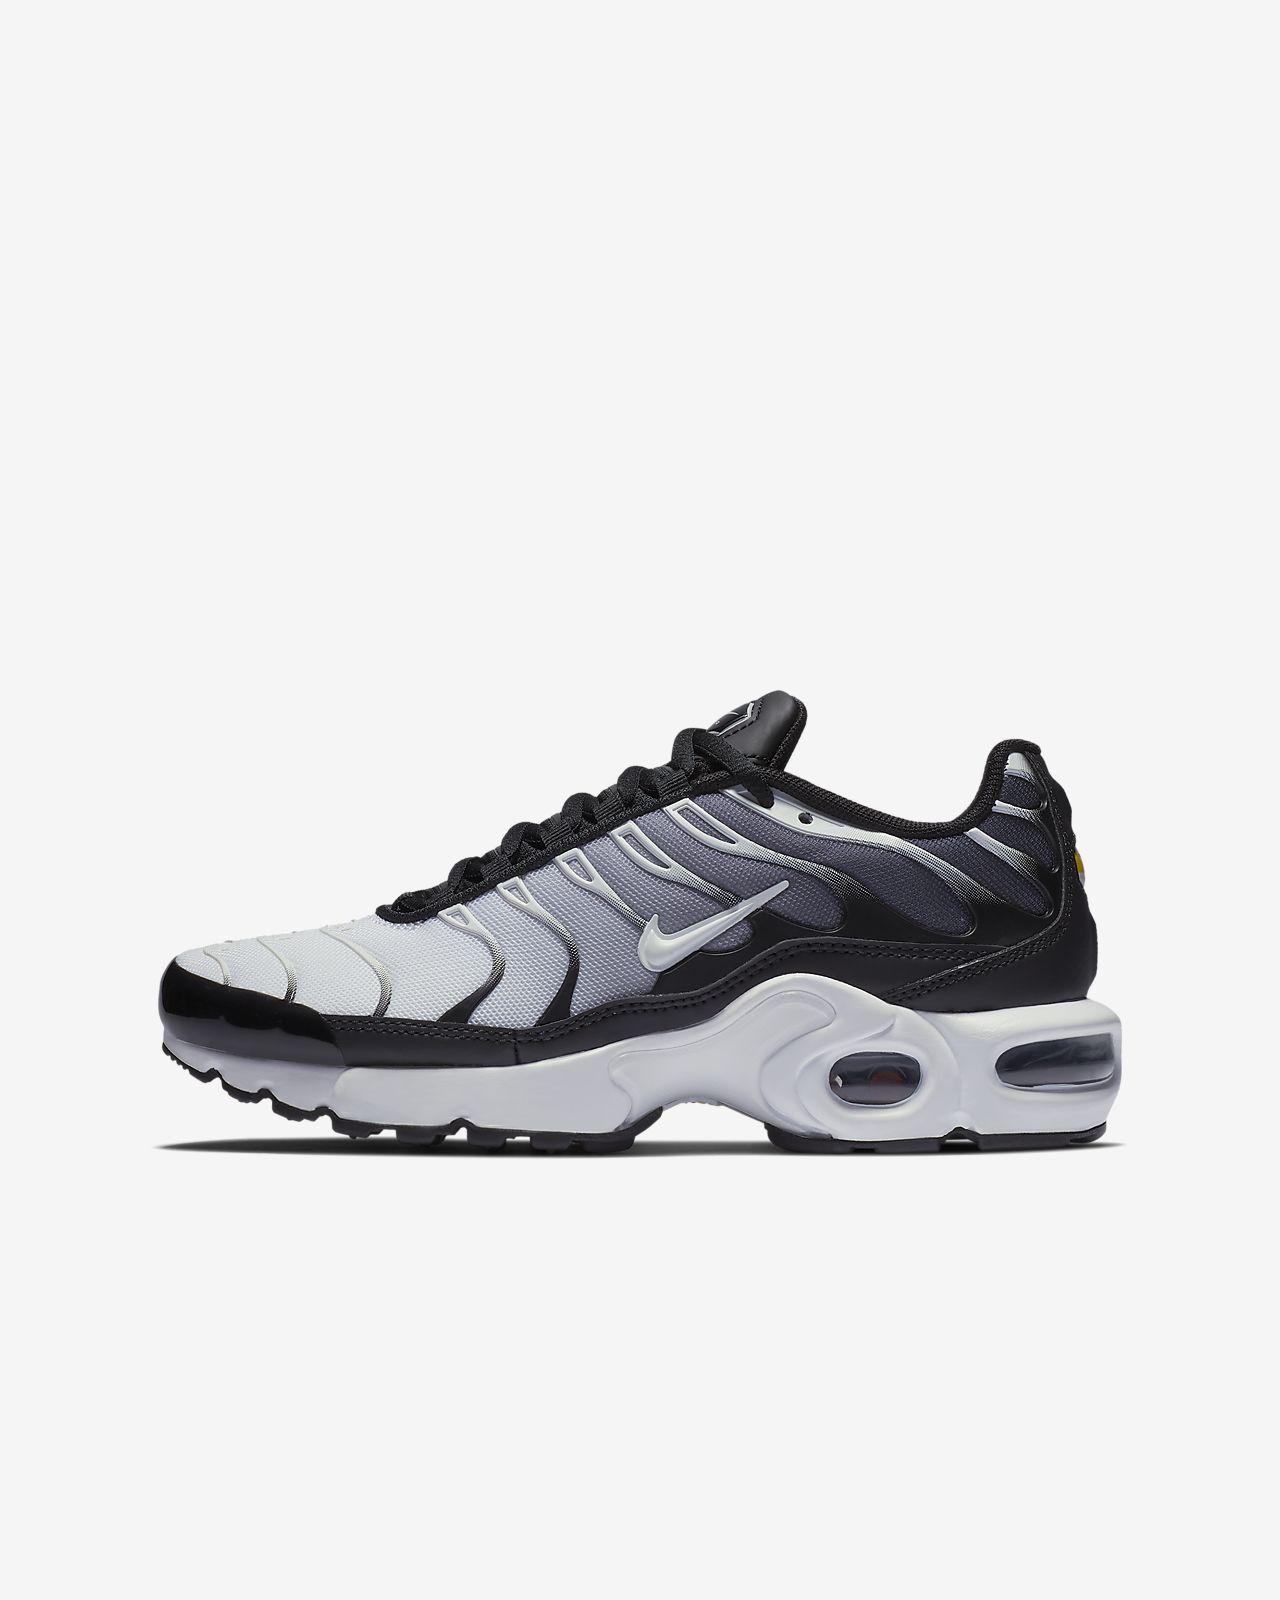 ... Nike Air Max Plus Kinderschoen